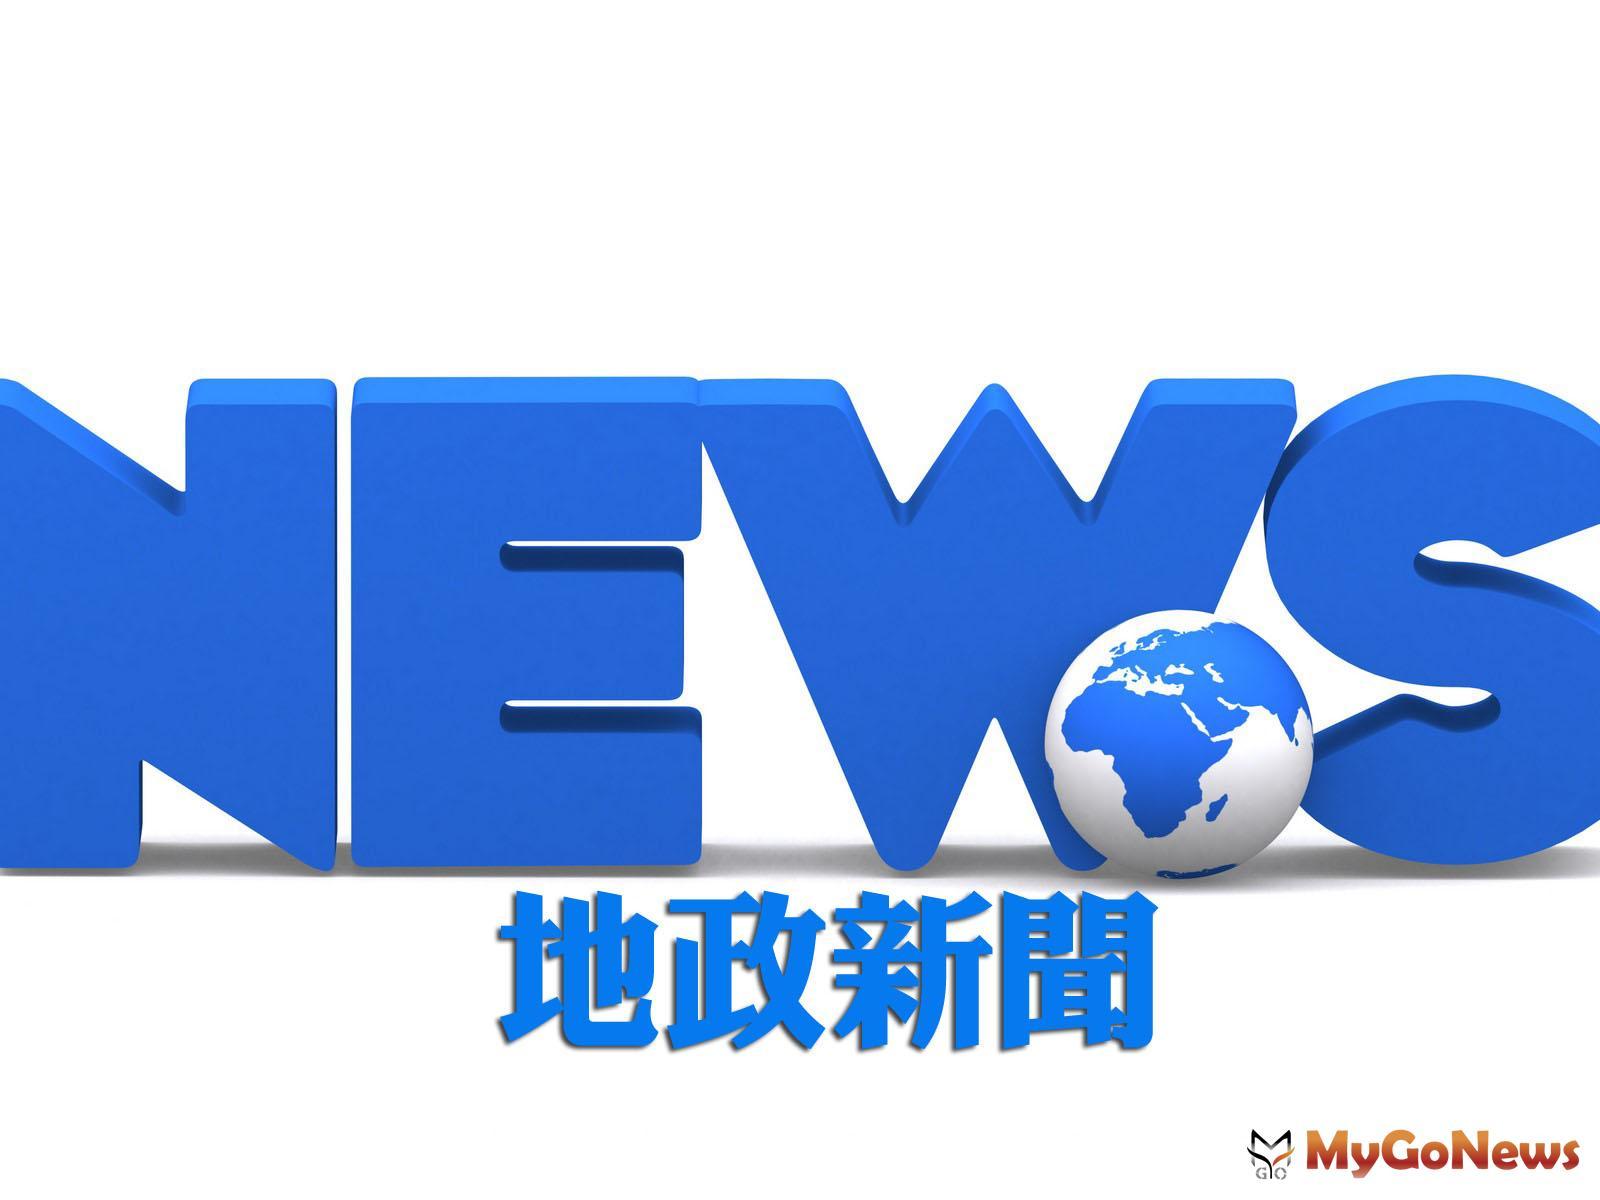 捐贈公益信託的財產,要申報遺產或贈與稅,才能辦理產權移轉登記 MyGoNews房地產新聞 市場快訊